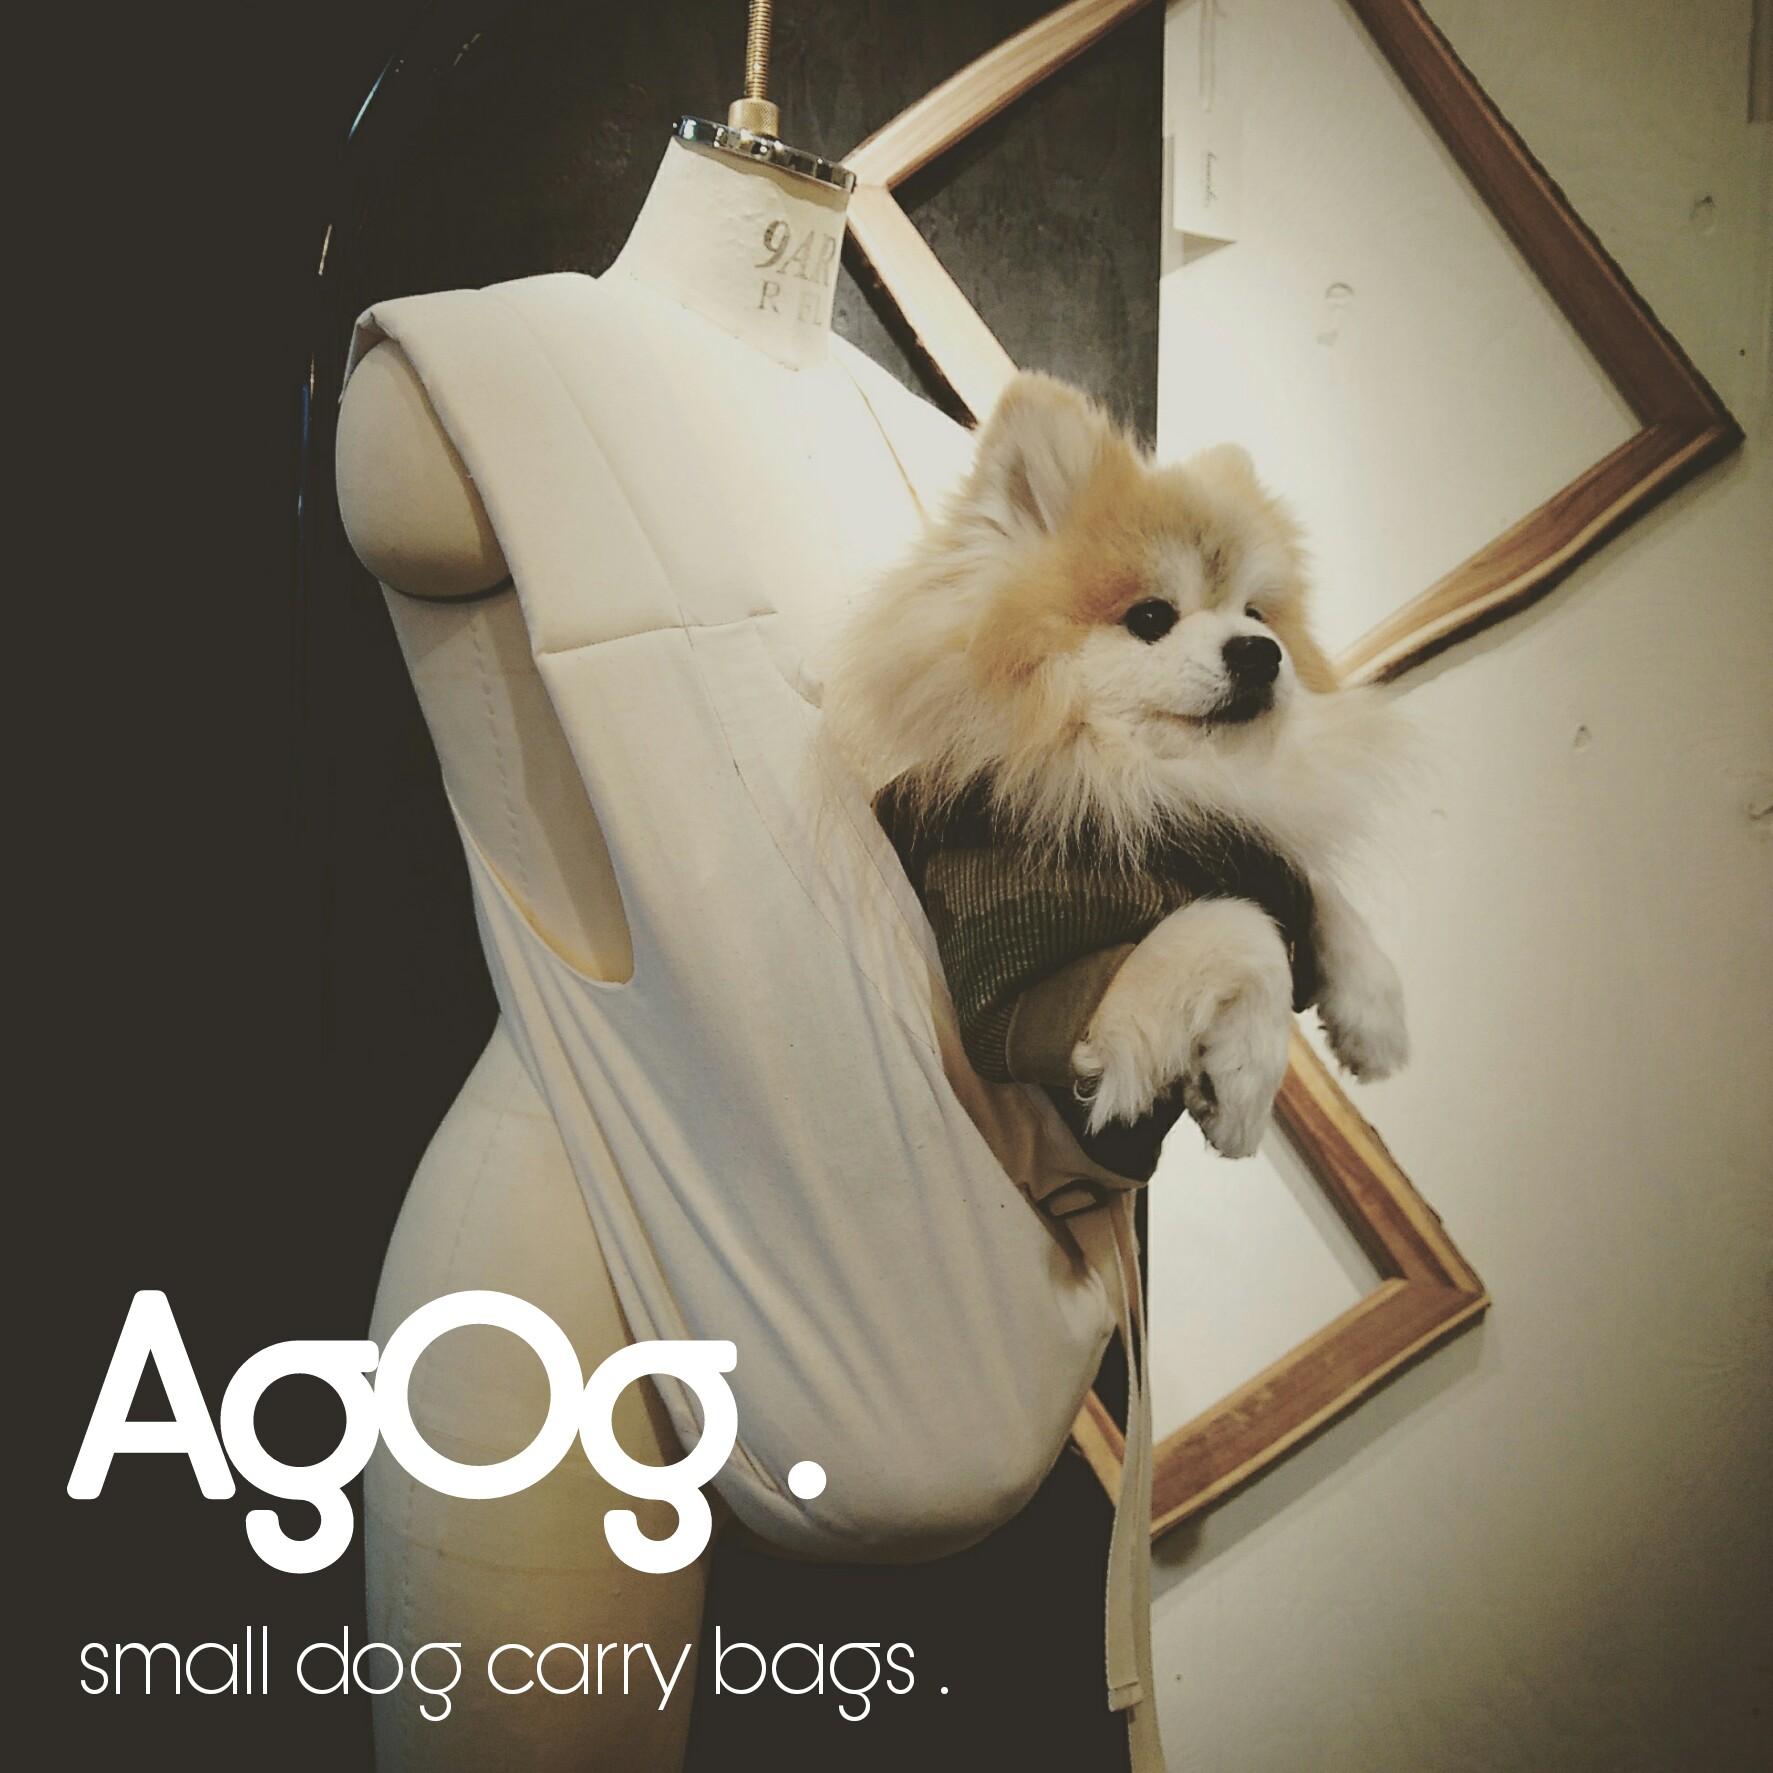 agog.